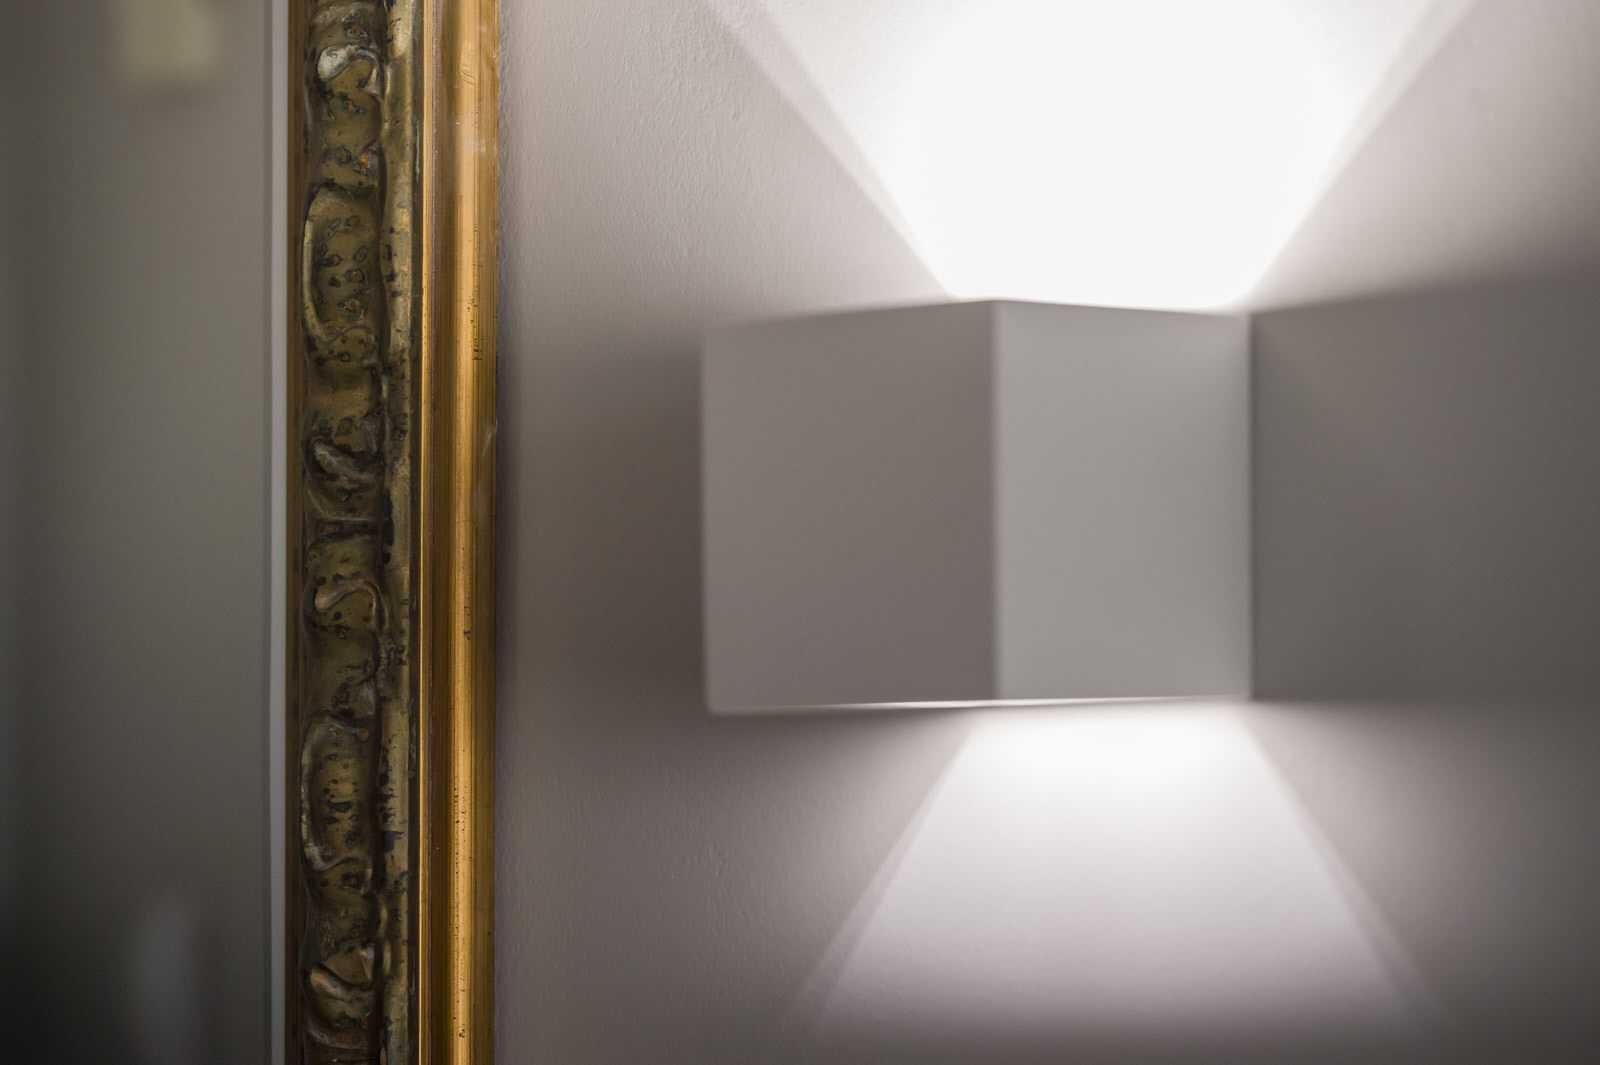 Box light in Ljubljana rental apartment hallway.